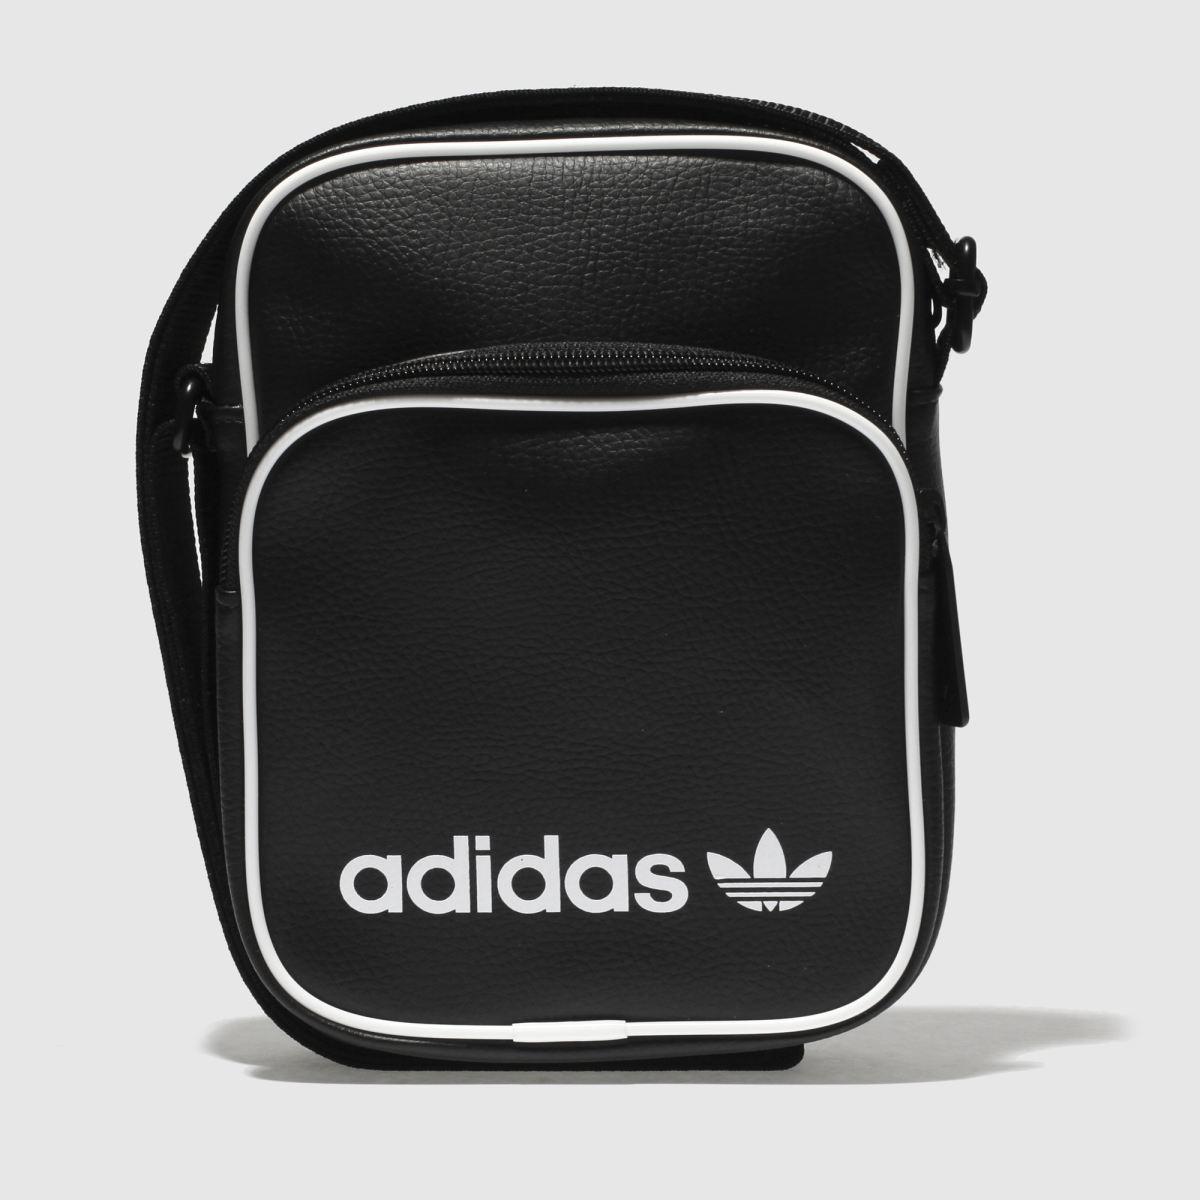 Adidas Adidas Black Mini Bag Vintage